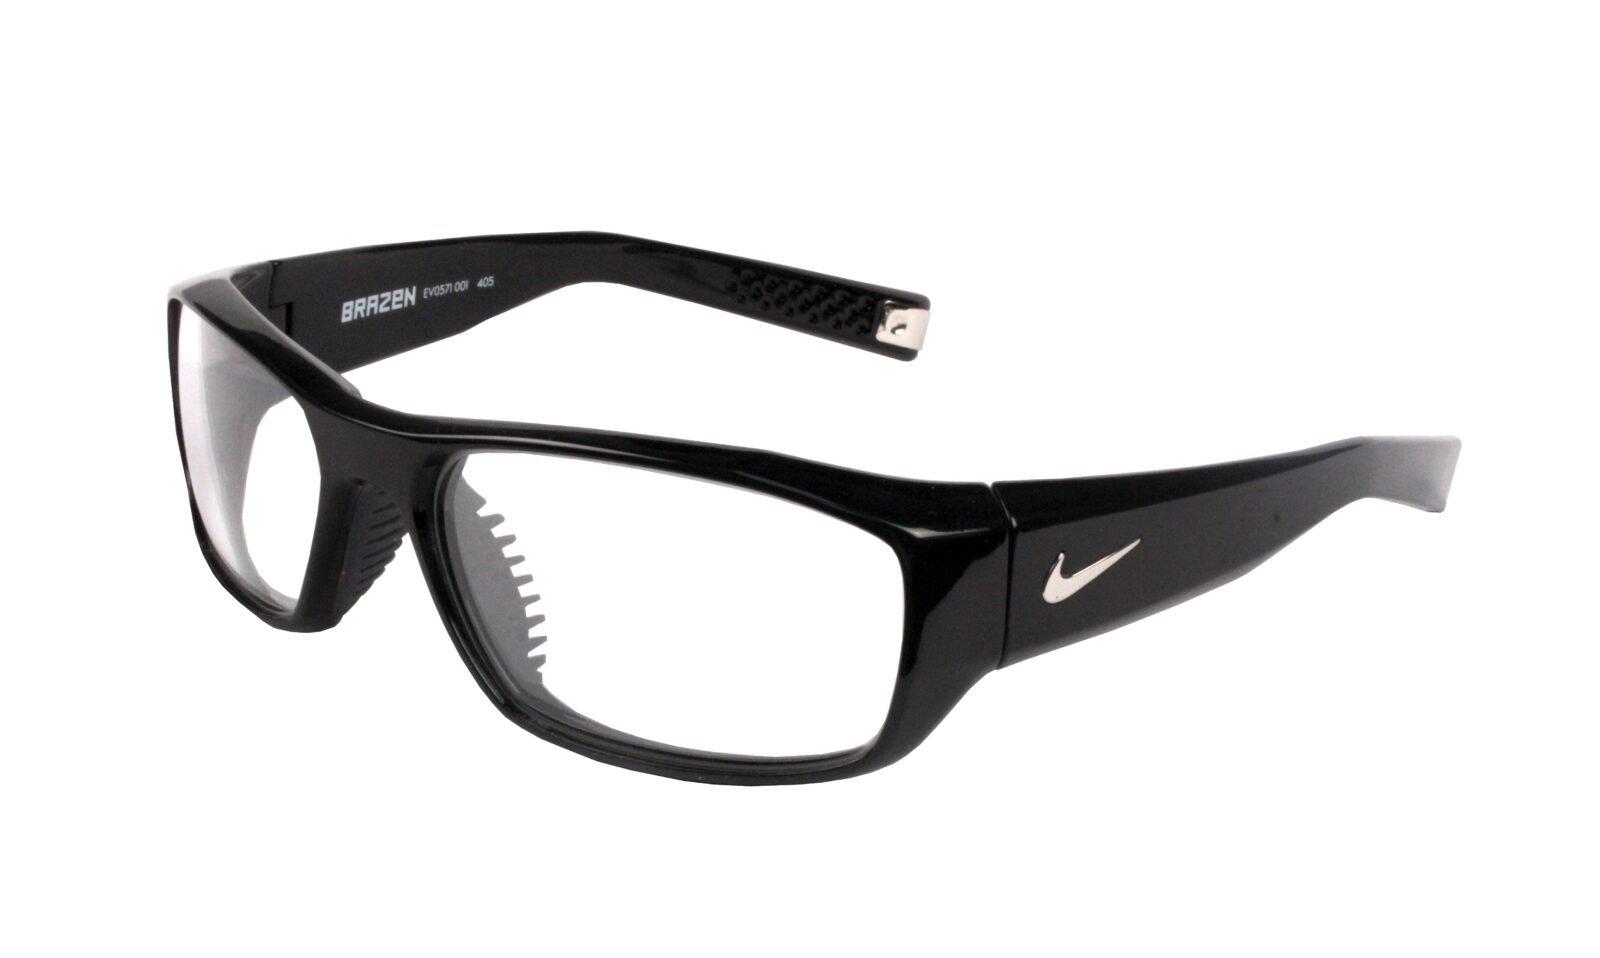 Nike Brazen Glasses Black